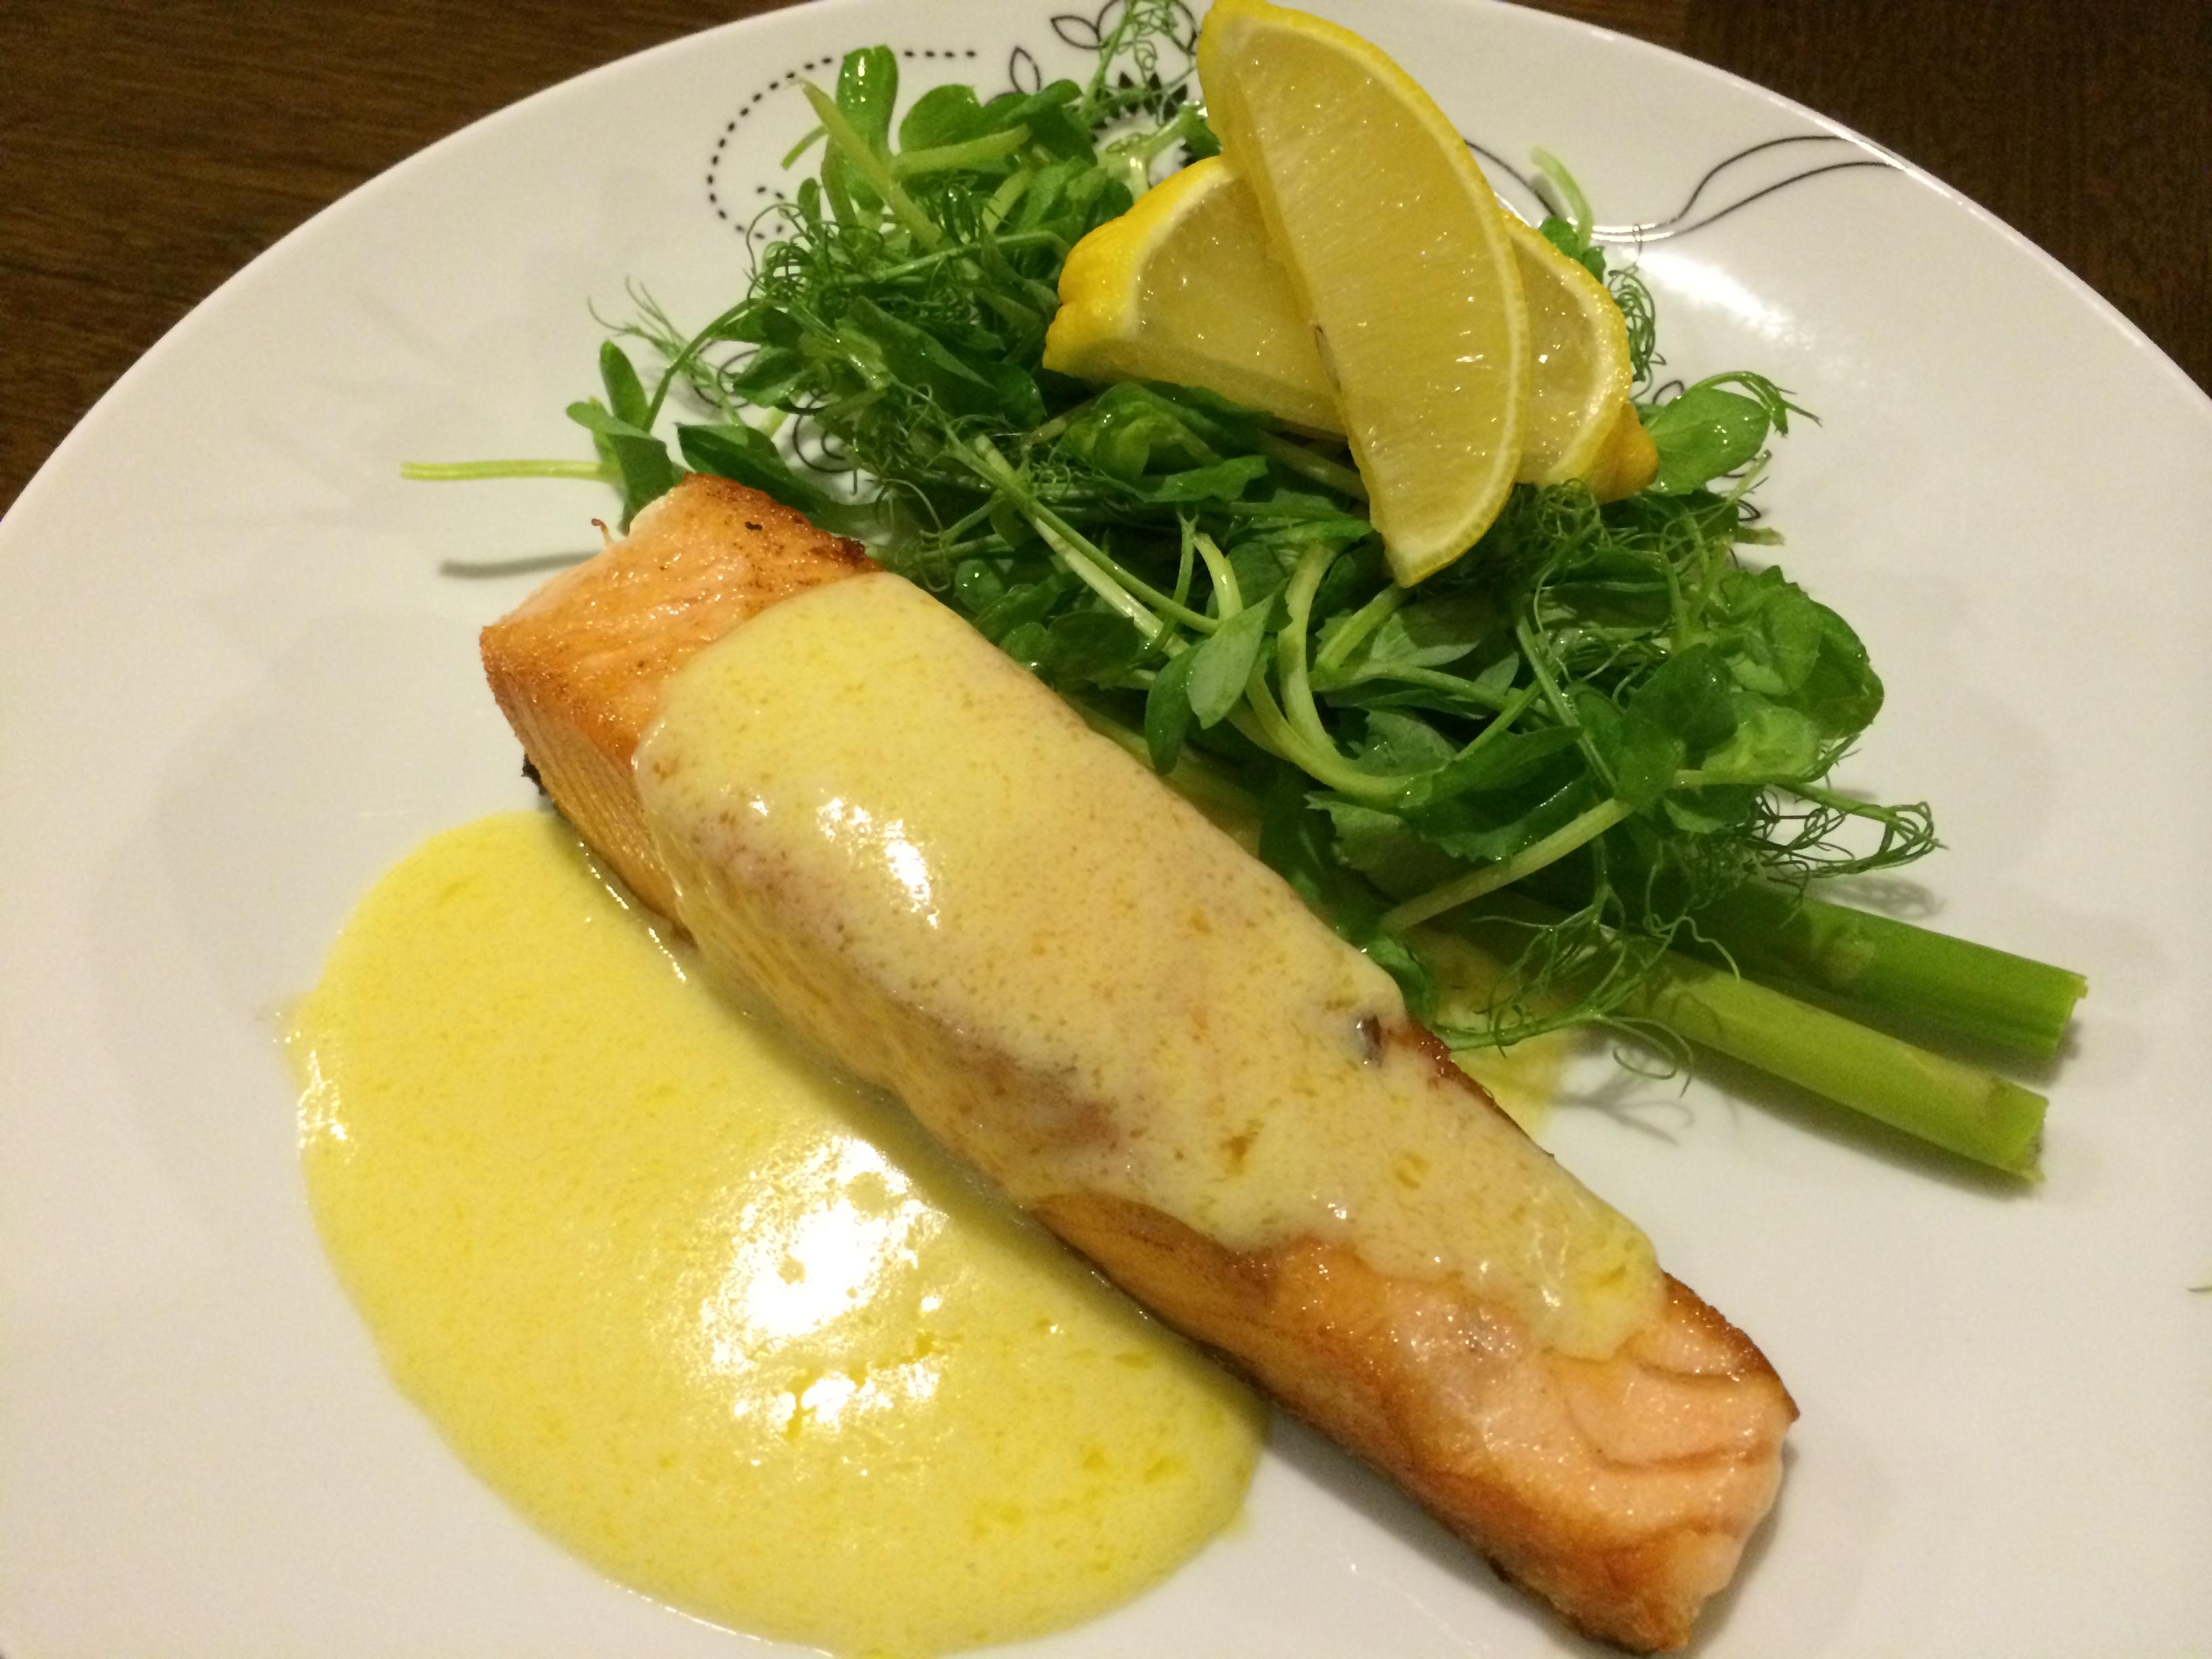 Edisi Kali Ini Saya Membuat Resep Ikan Salmon Goreng Dengan Saus Yang Sangat Istimewa Bagi Kalian Yang Tidak Suka Menggunakan Wine Atau Anggur Jangan